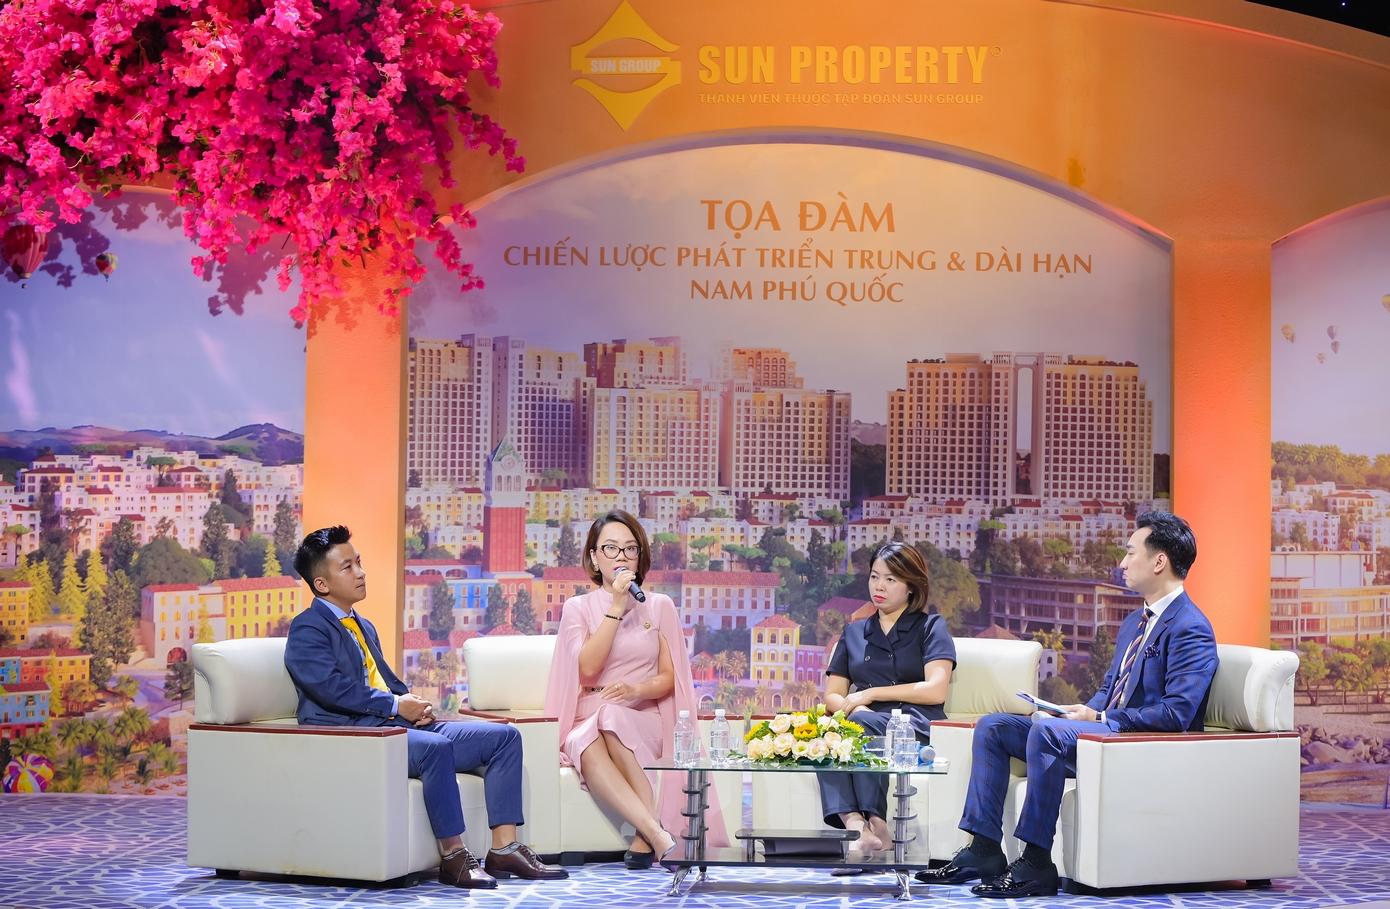 Các chuyên gia chia sẻ về chiến lược phát triển Nam Phú Quốc trung, dài hạn cùng sự xuất hiện của những dòng sản phẩm mới. Ảnh: Sun Group.